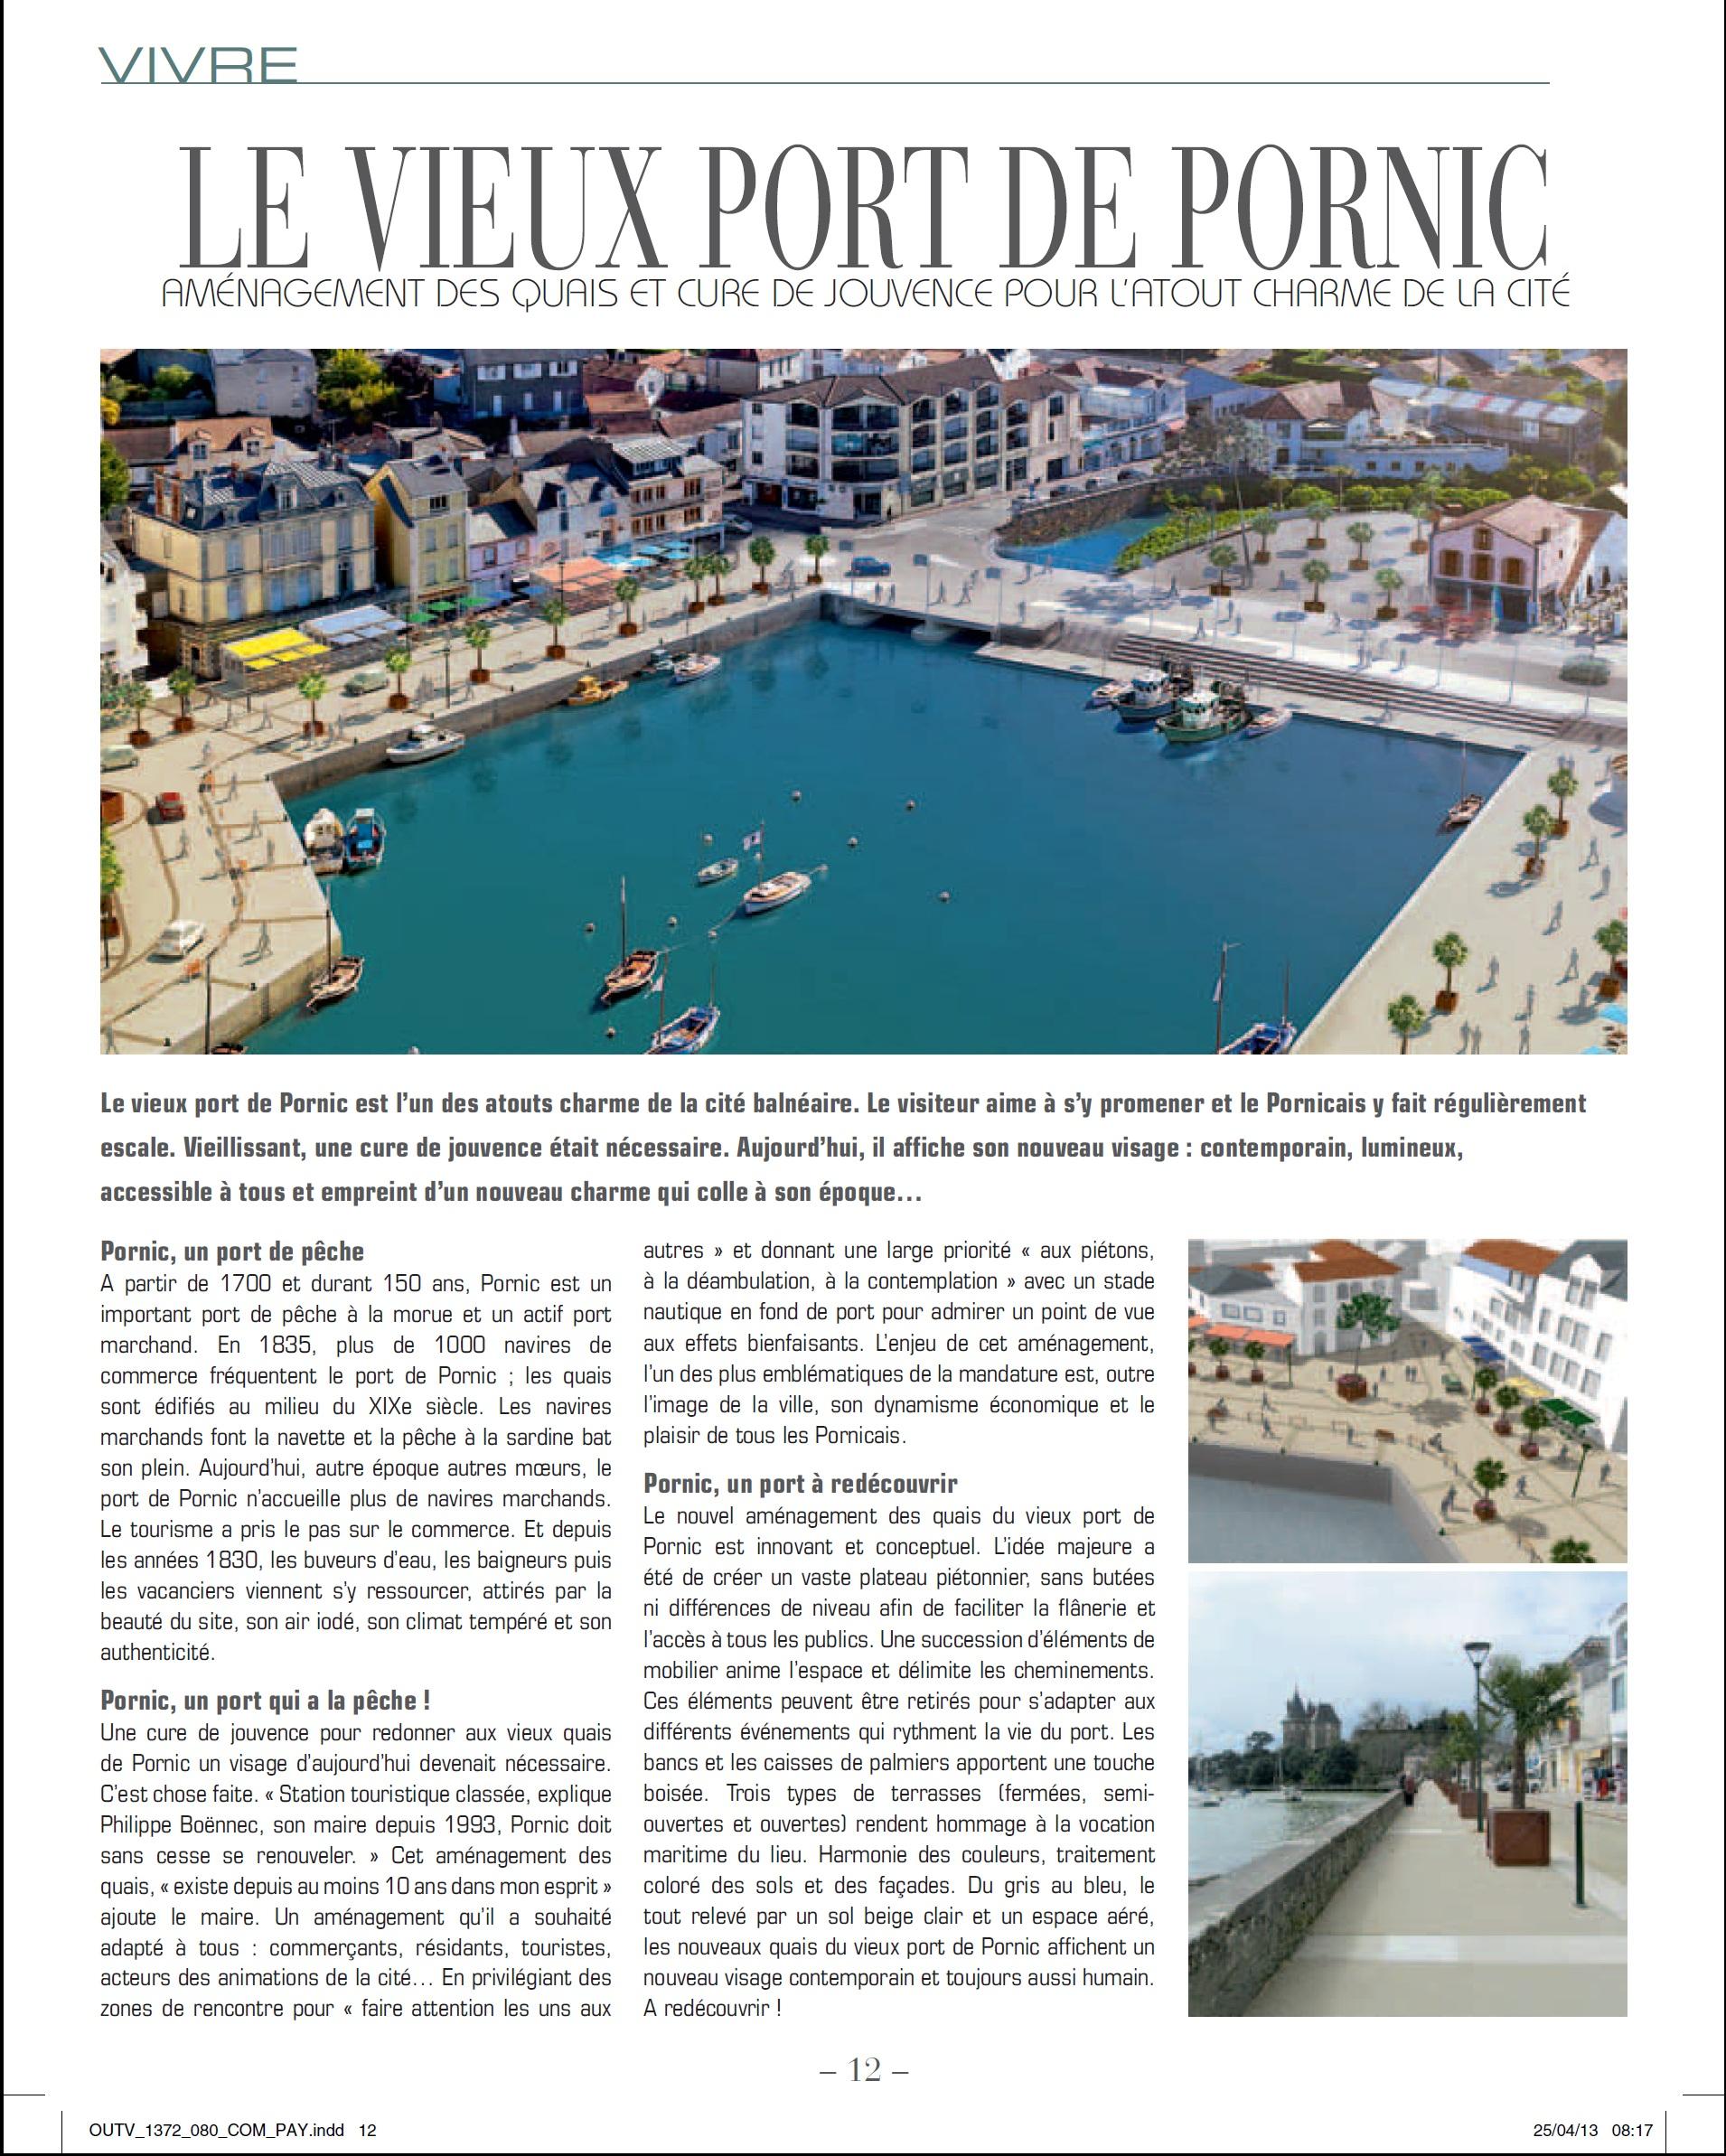 Pascale tisseraud cv redactrice correspondante de presse - Mission locale vieux port ...